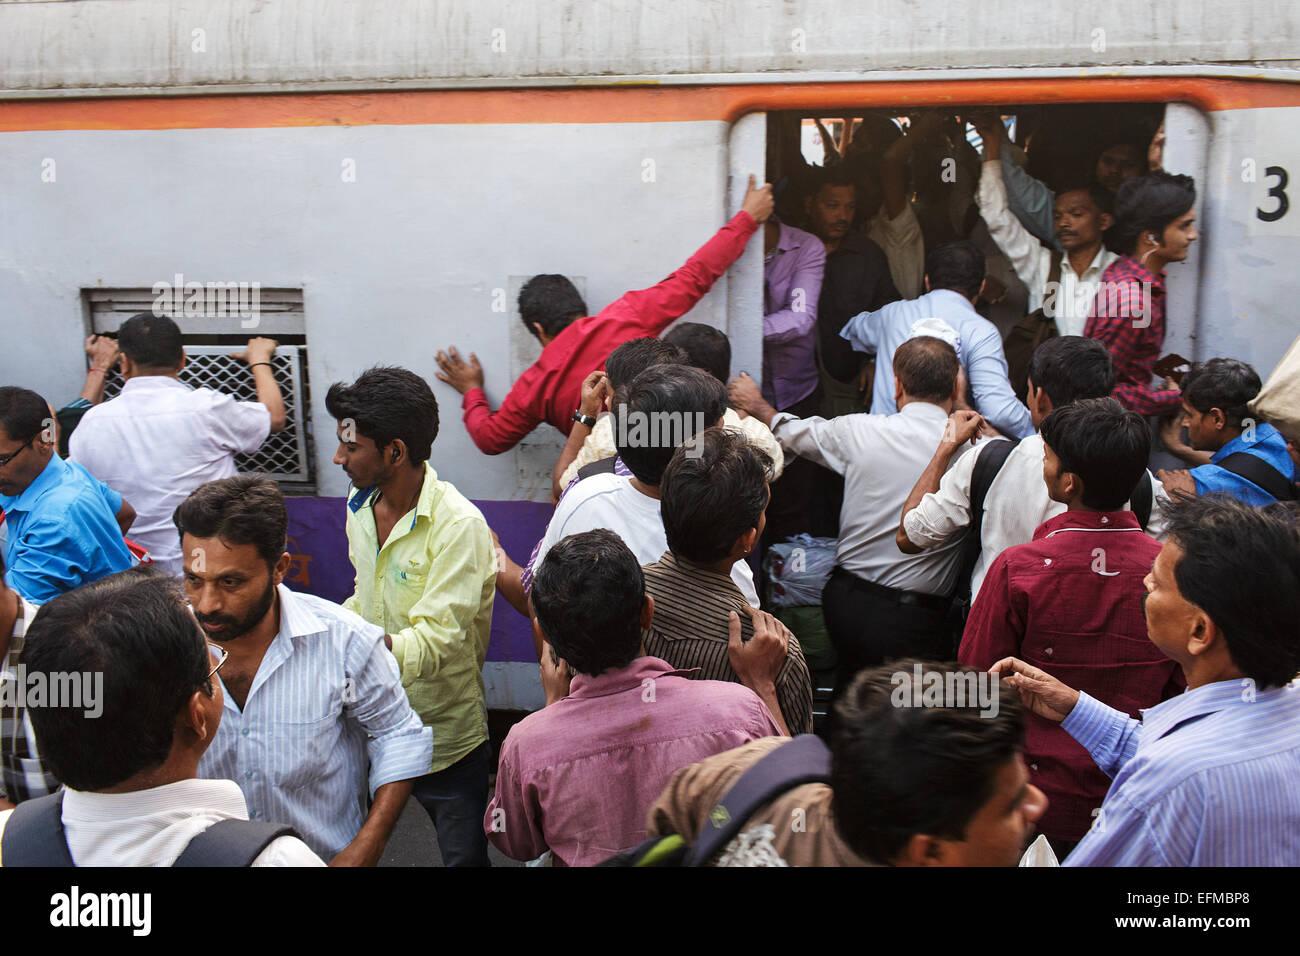 Les usagers du train d'embarquement pendant l'heure de pointe du soir à la gare de Bandra à Mumbai, Inde. Banque D'Images